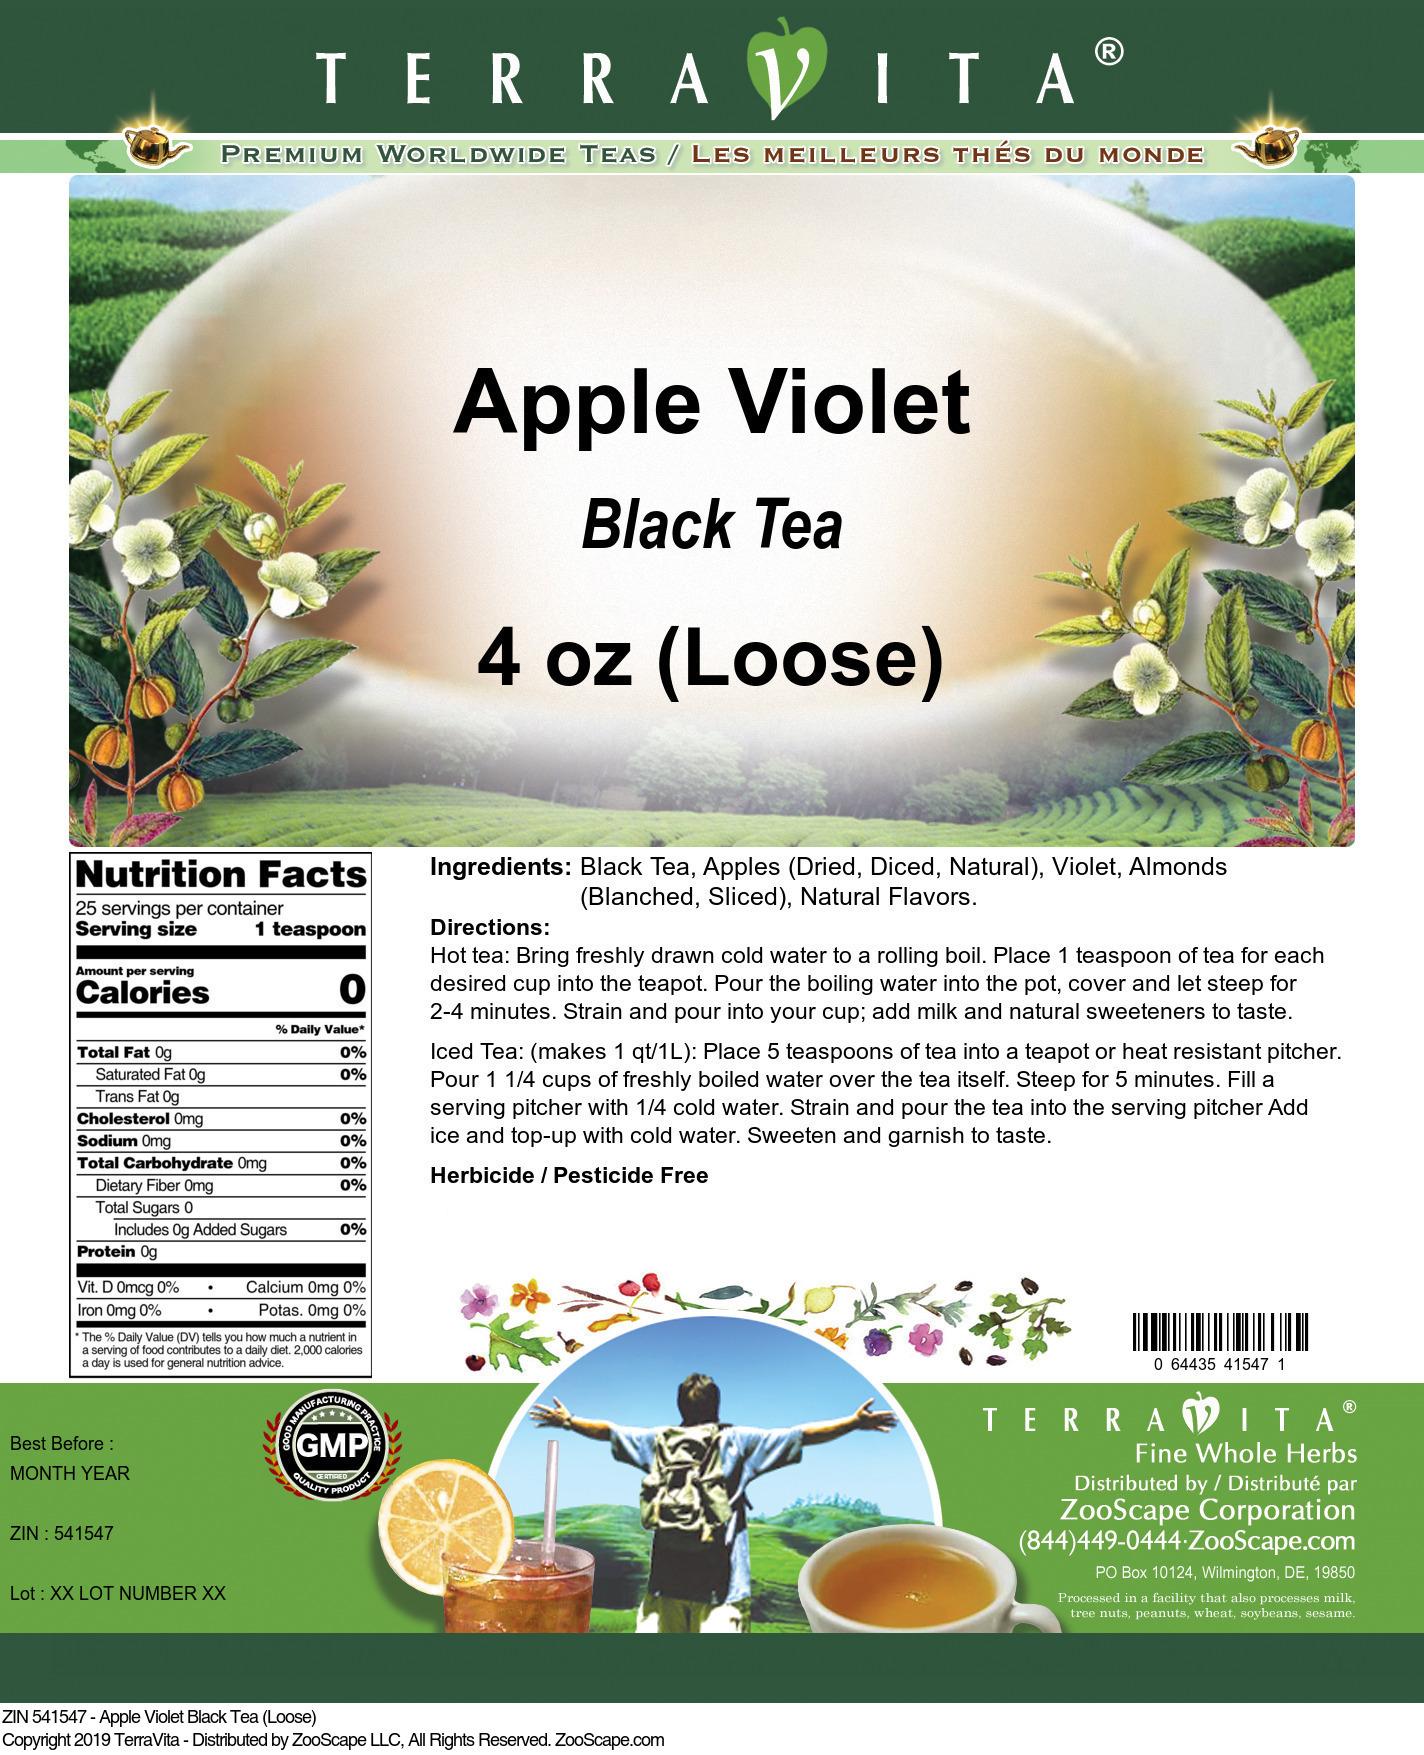 Apple Violet Black Tea (Loose)